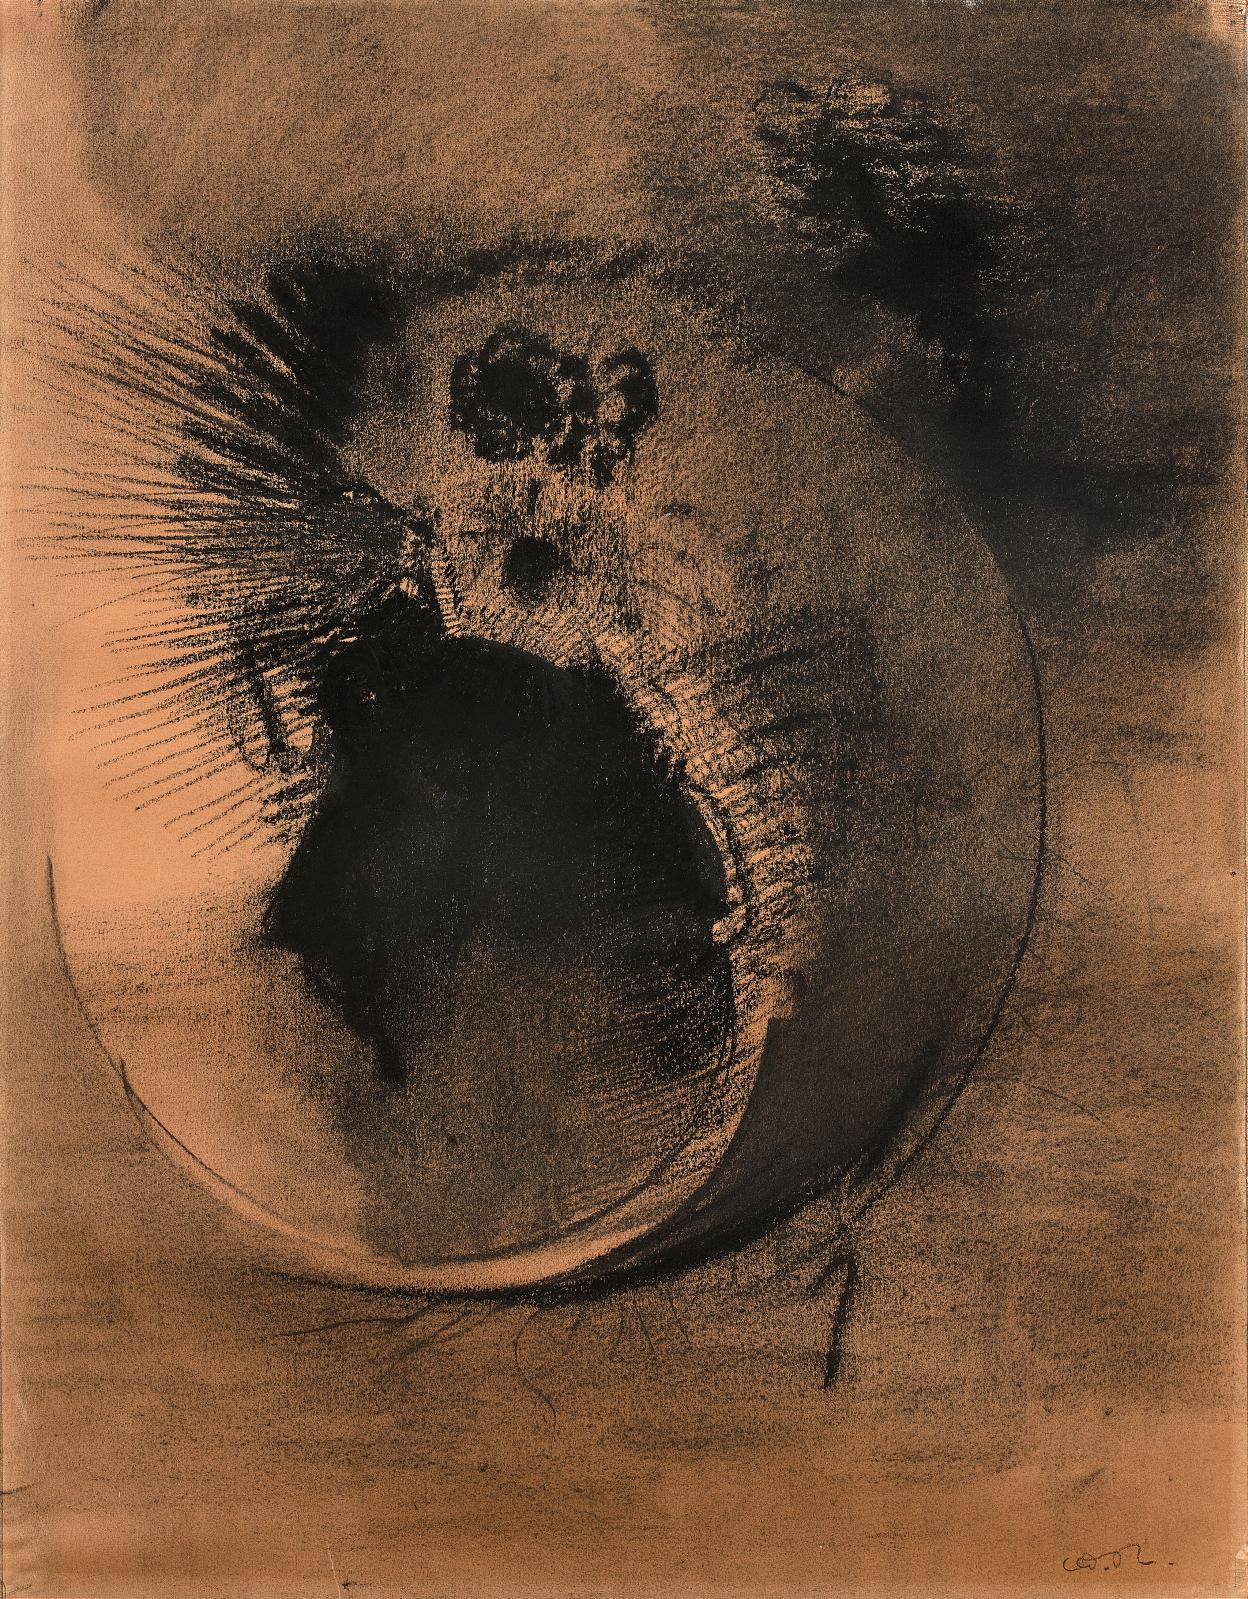 Odilon Redon, Visage cellulaire, dessin au fusain et à l'estompe, 48,5x37,5cm. Estimation: 80000/120000€